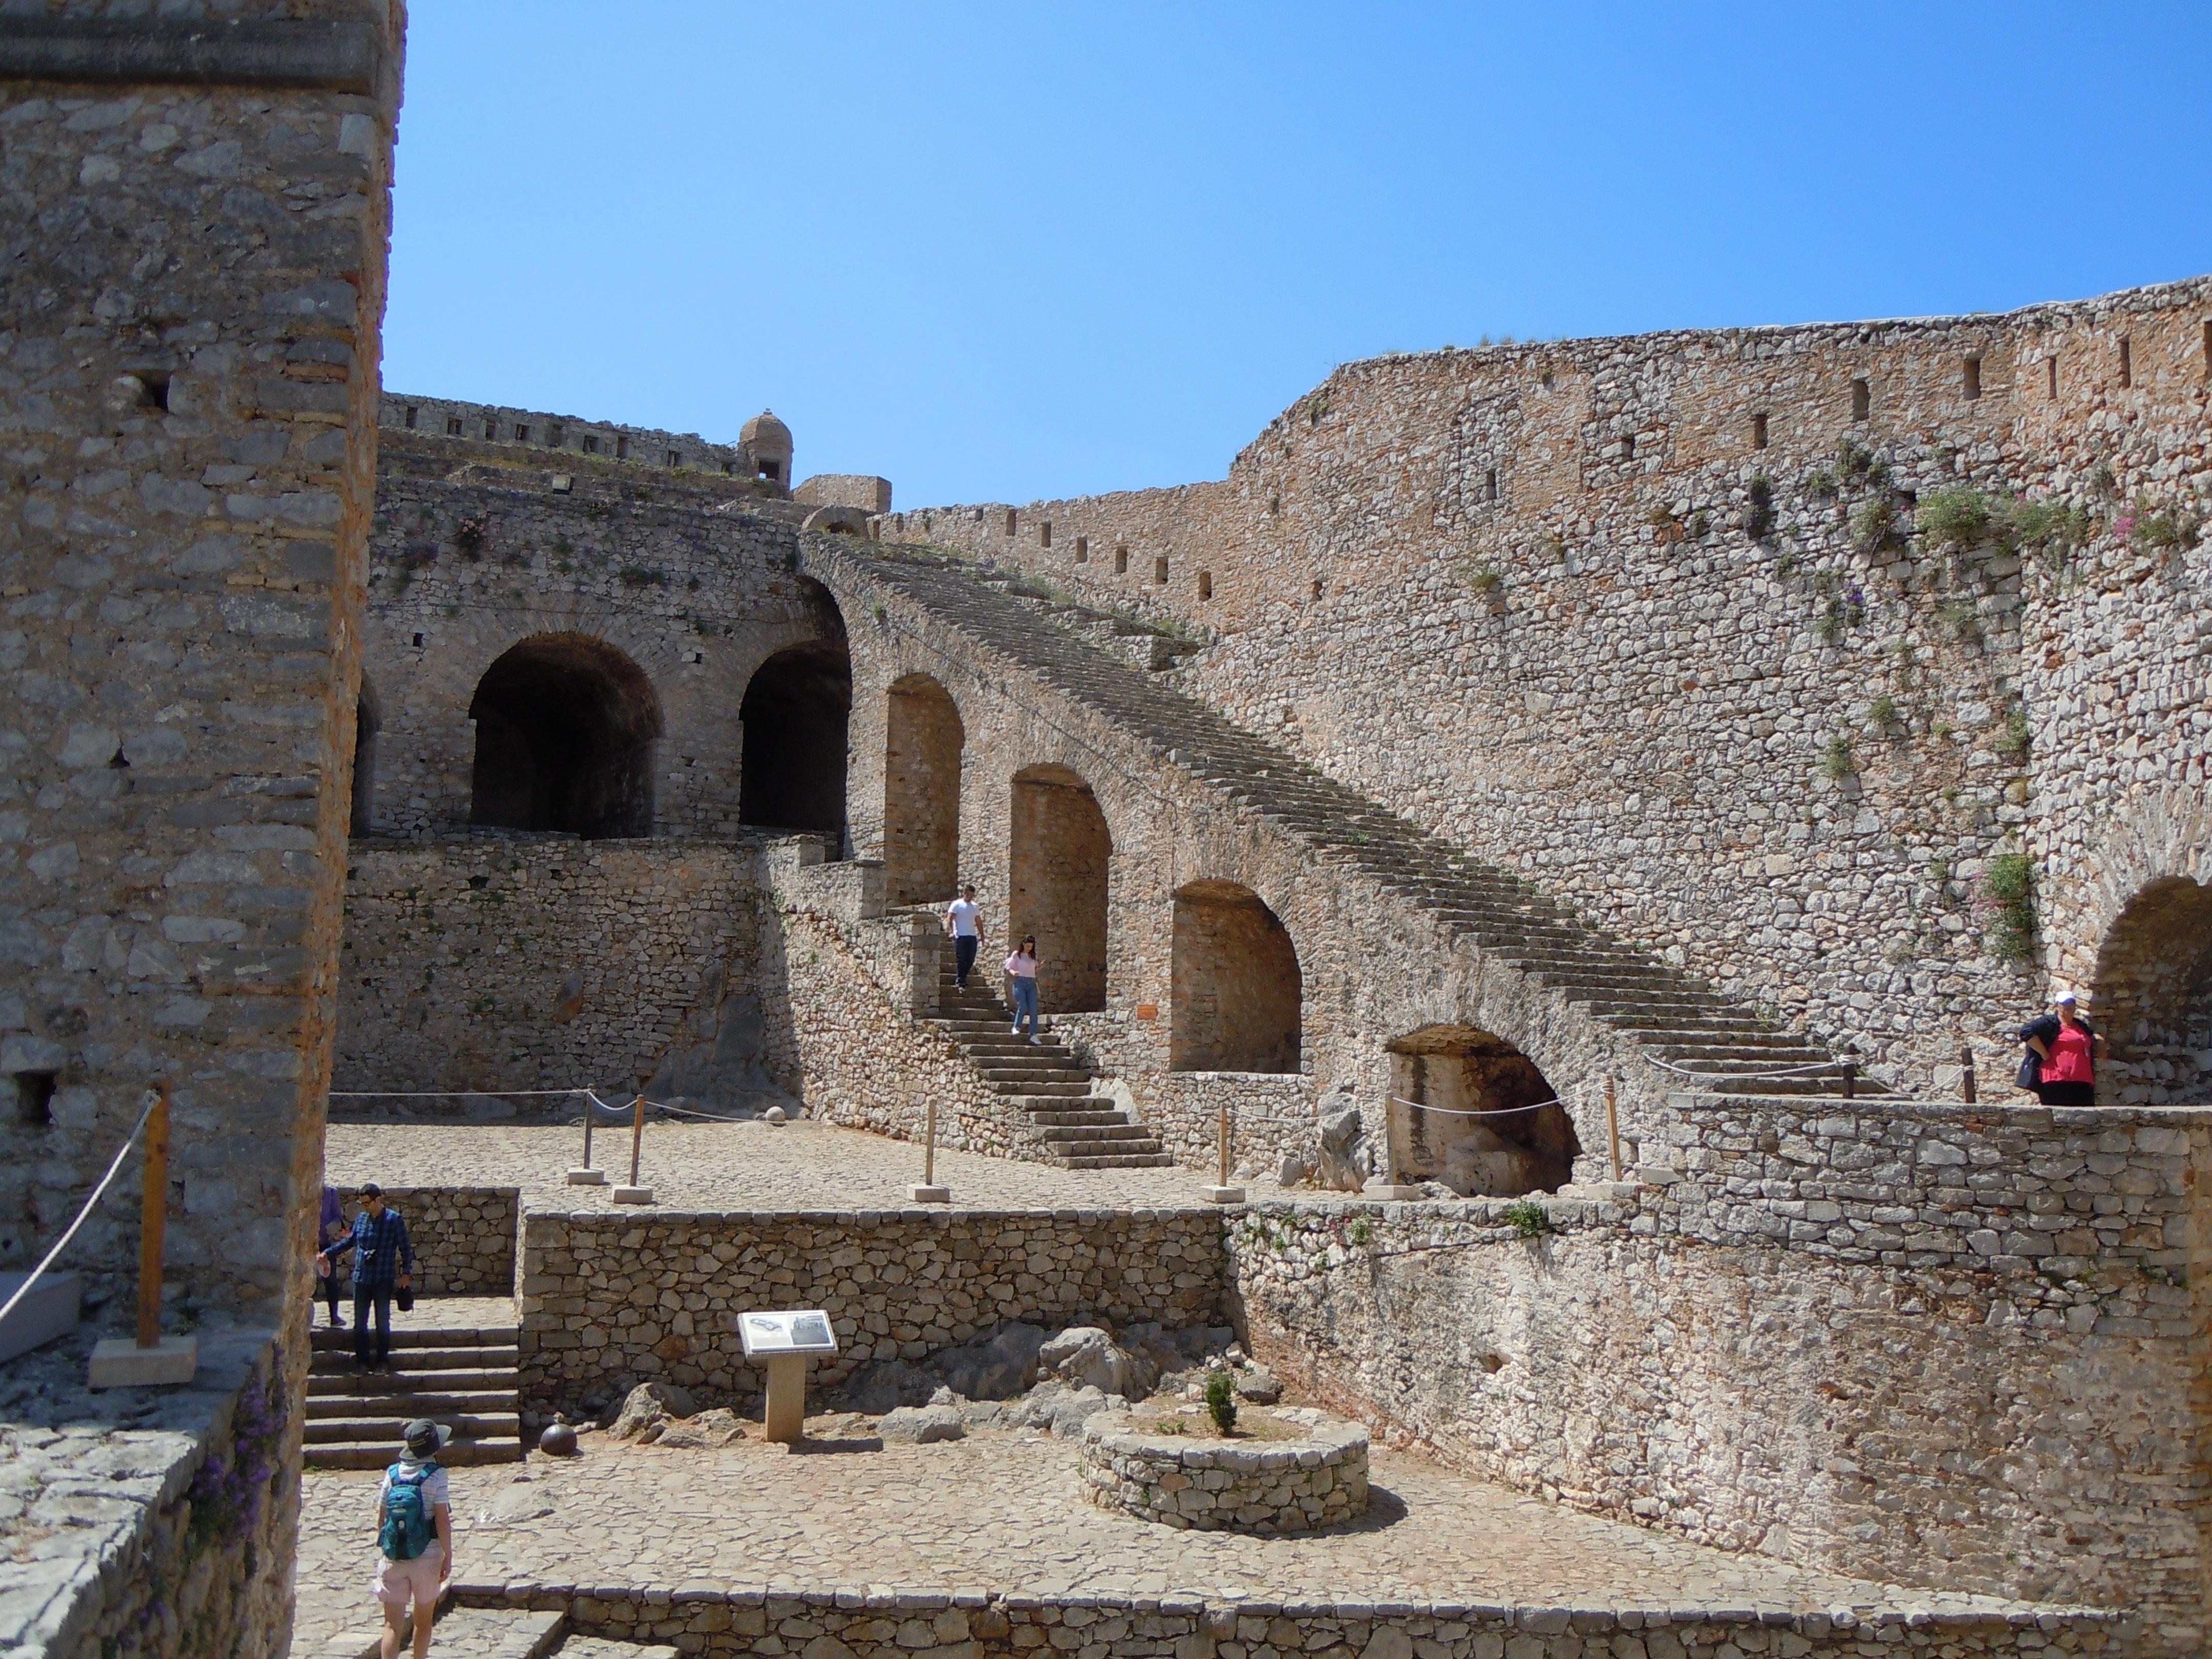 Fichier:Intérieur de la Forteresse Palamède.jpg — Wikipédia